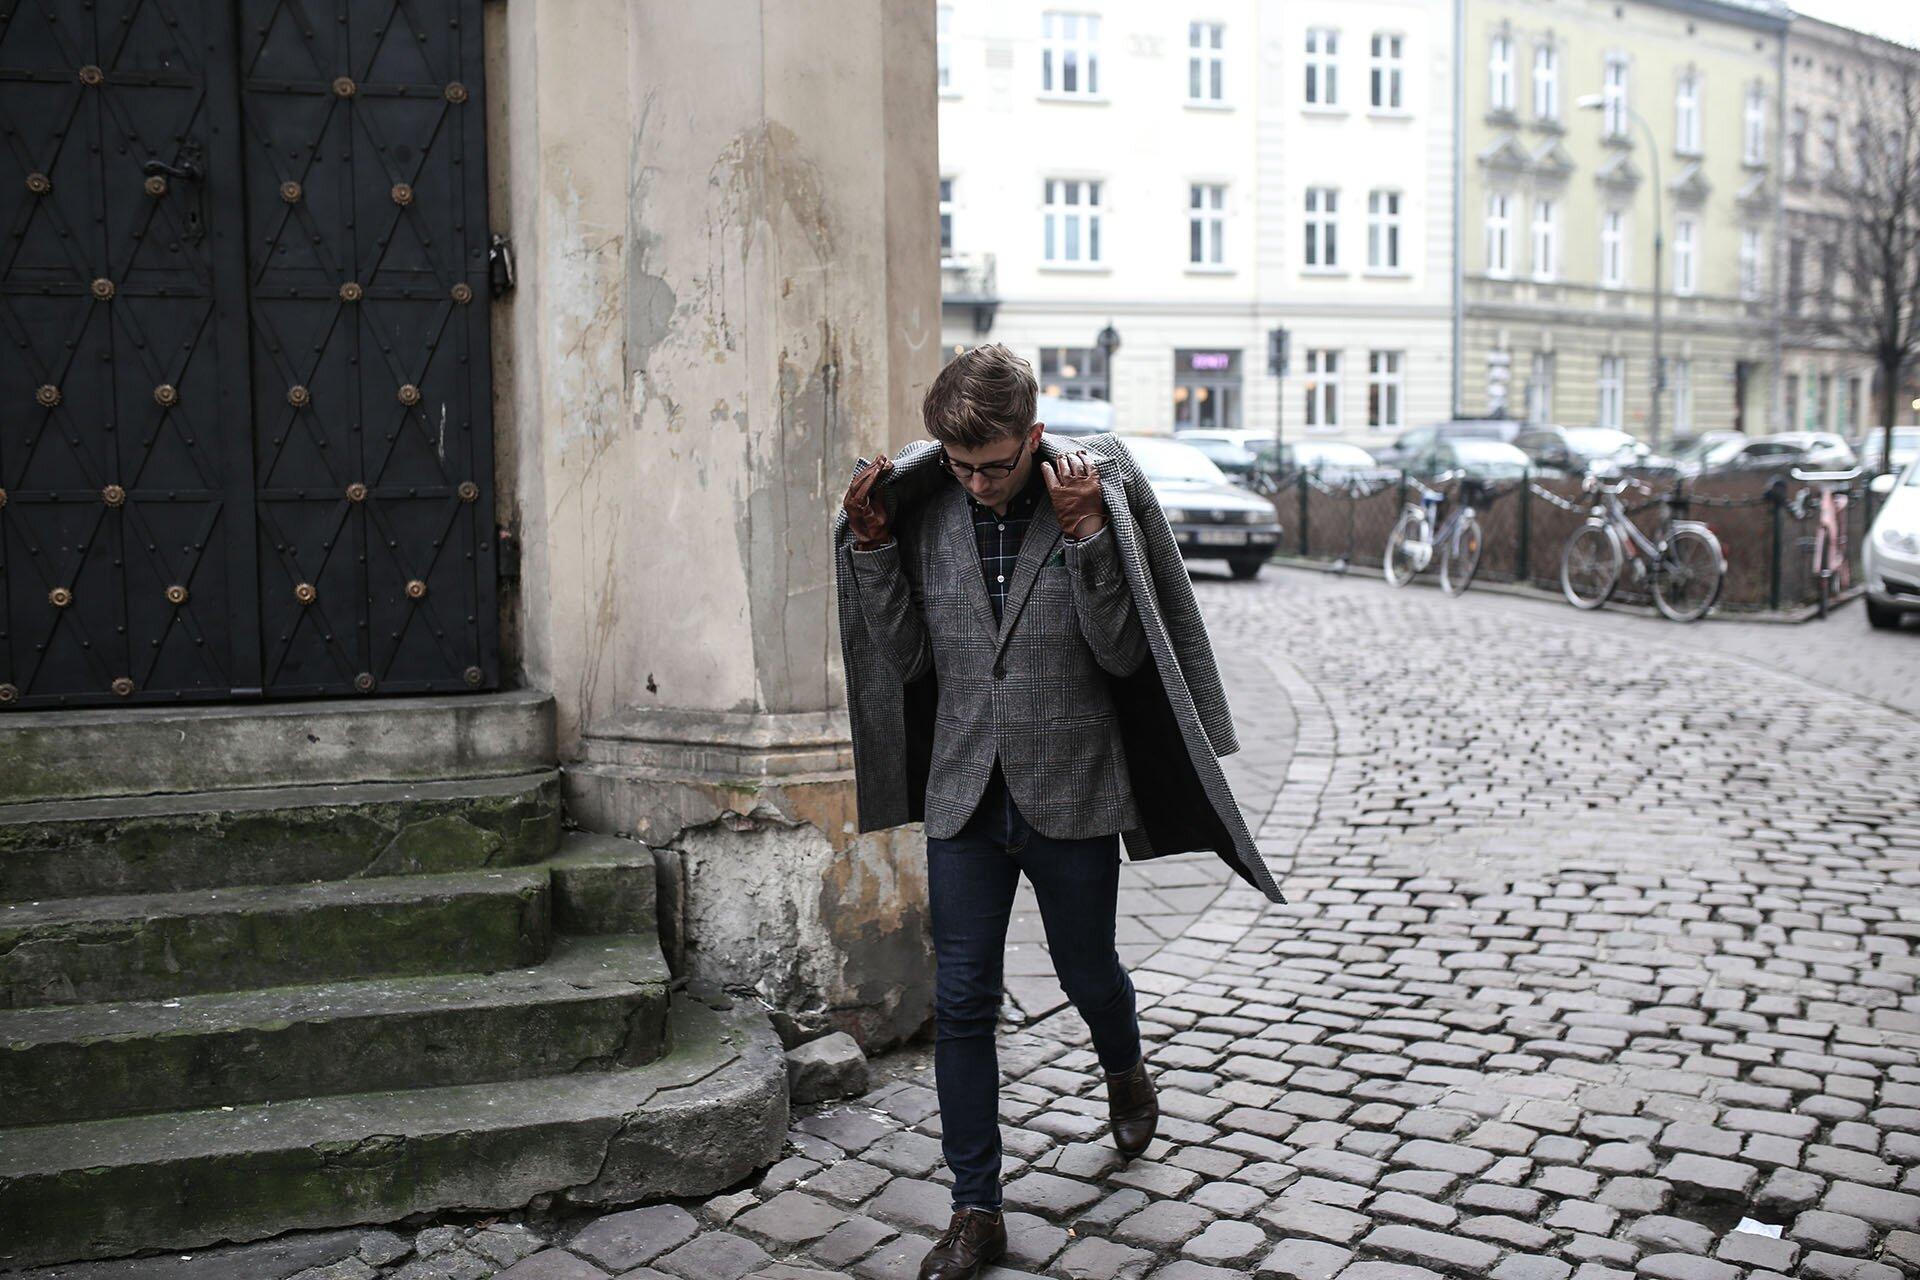 Marynarka w kratę, Moda męska w Krakowie, Bloger z Krakowa, Blog o modzie męskiej, GMALE by Grzegorz Paliś, Krakowski Kazimierz, Elegancki Mężczyzna